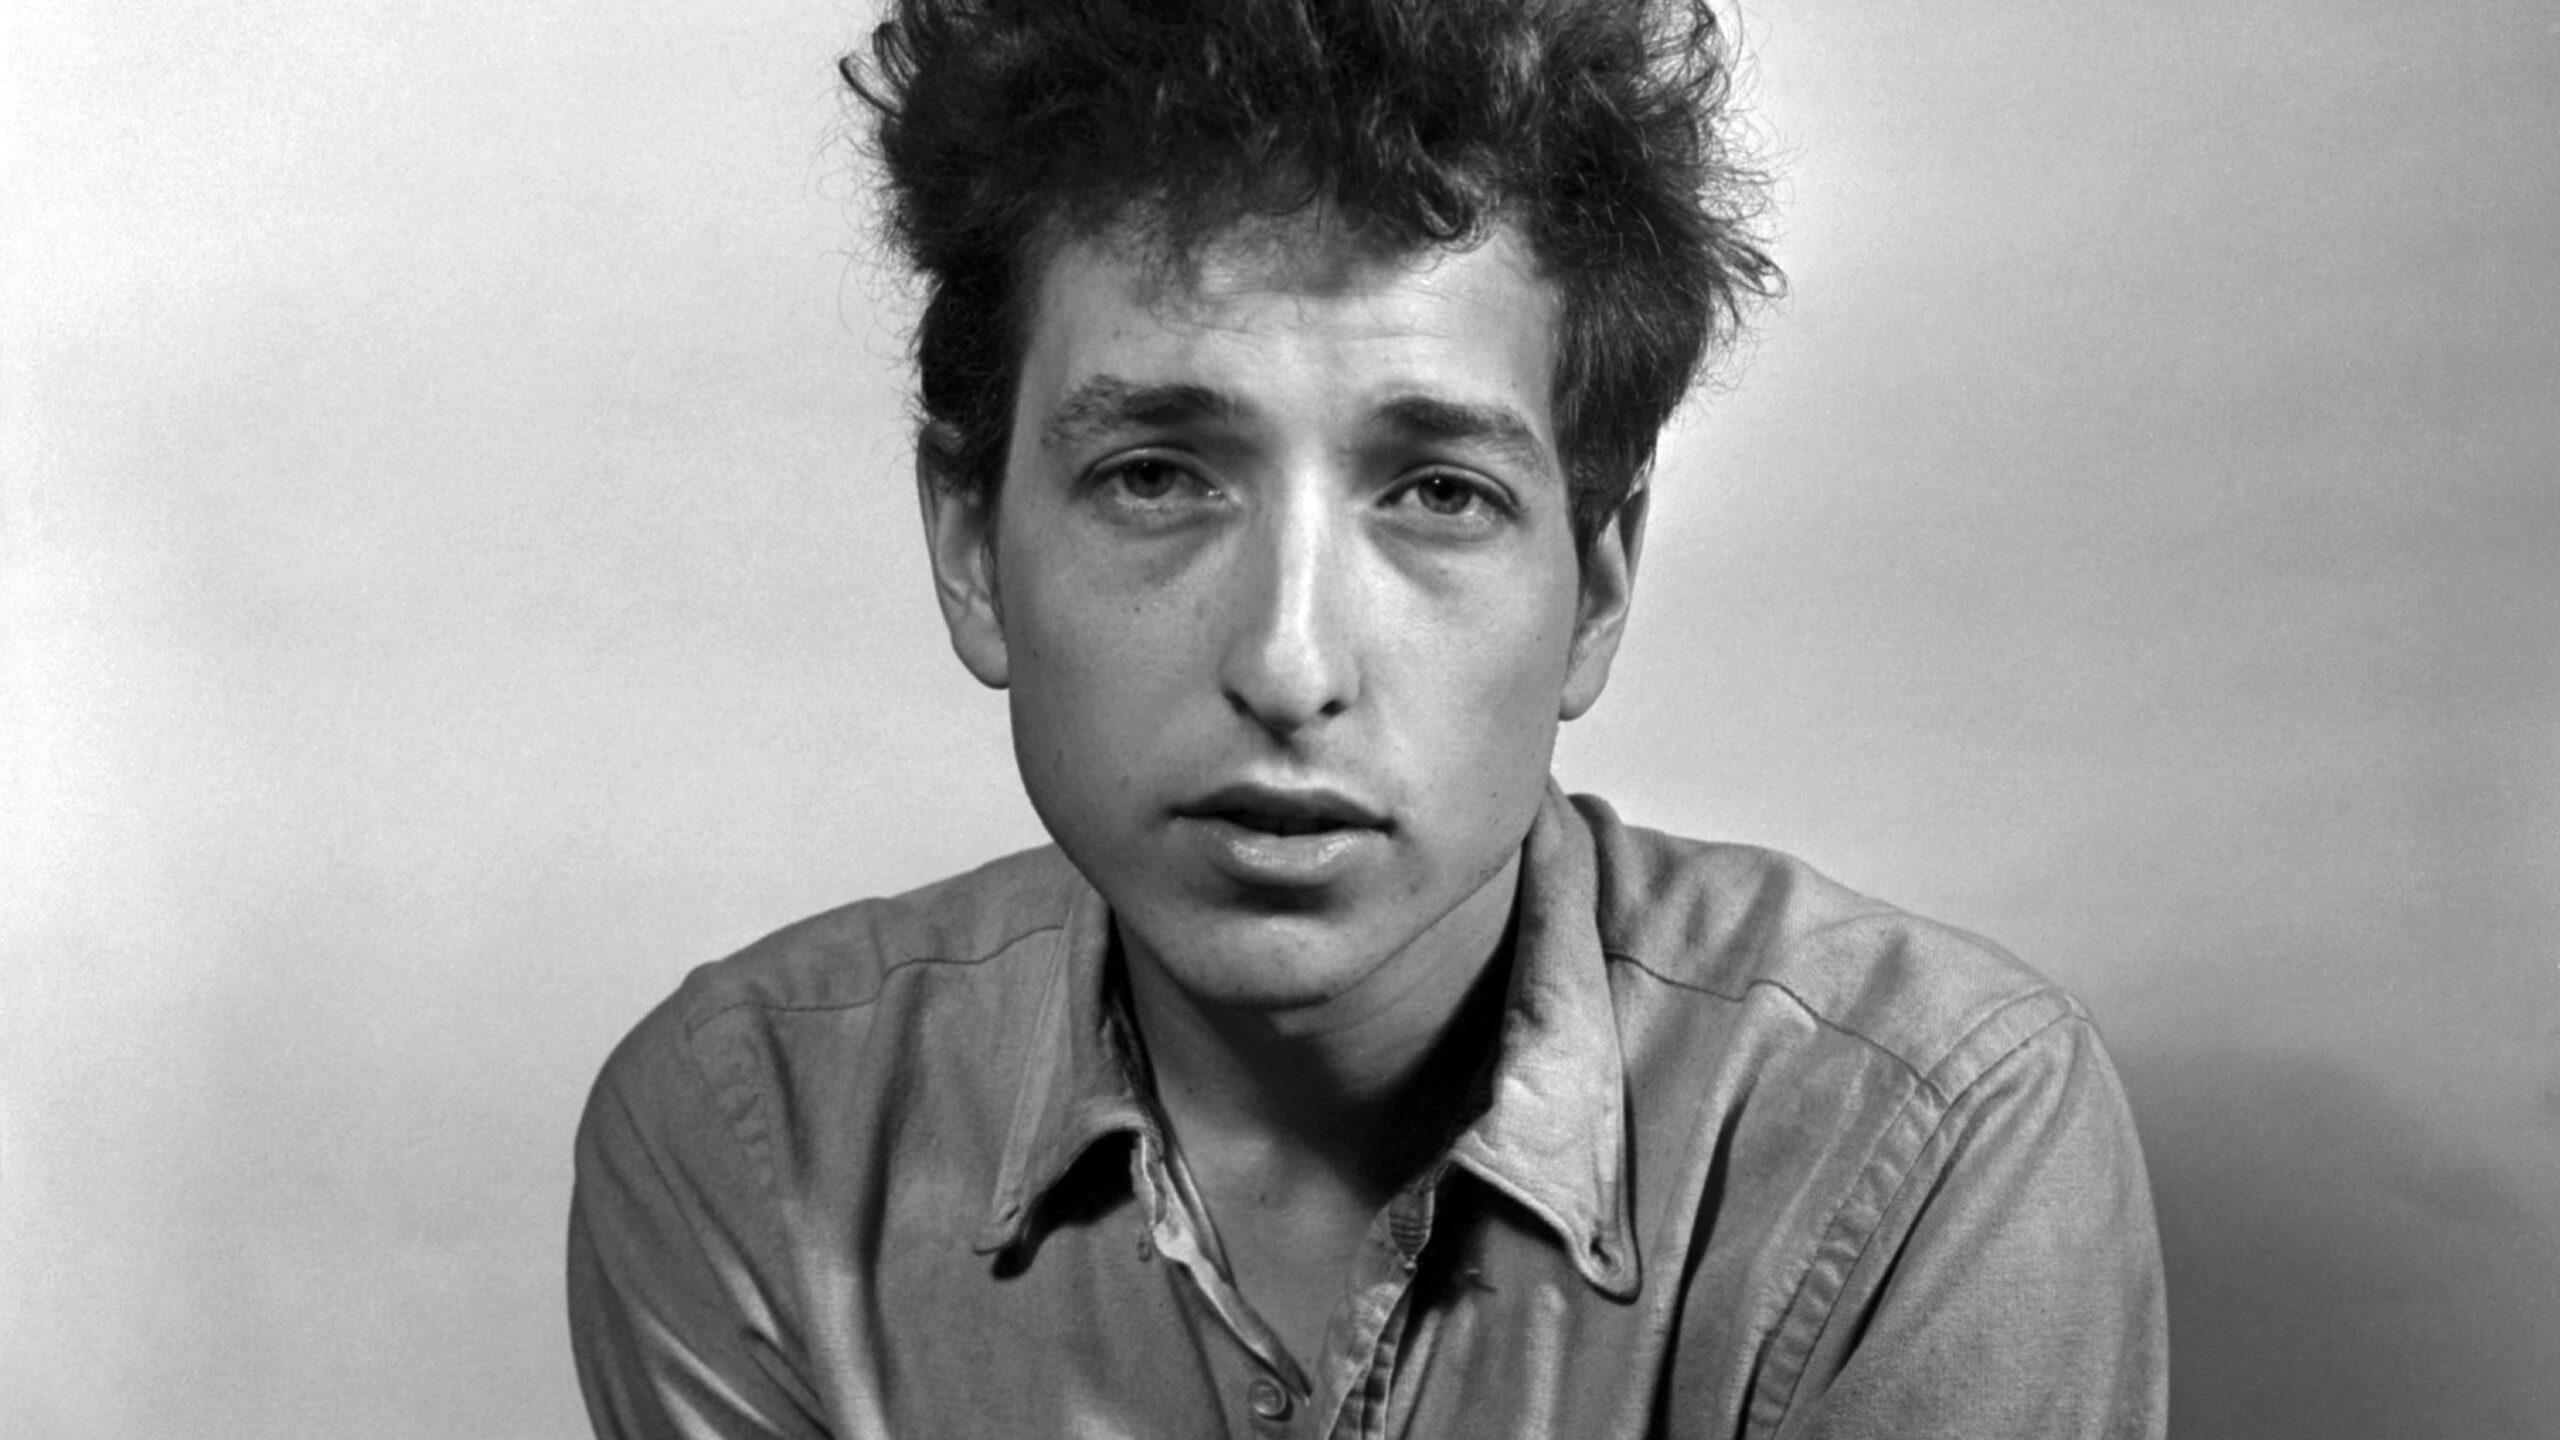 Боба Дилана обвинили в изнасиловании 12-летней девочки в 1960-х